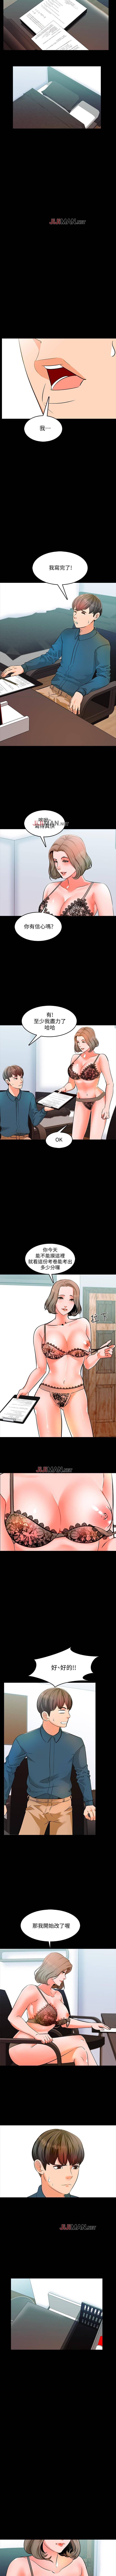 【周一连载】家教老师(作者: CreamMedia) 第1~44话 28